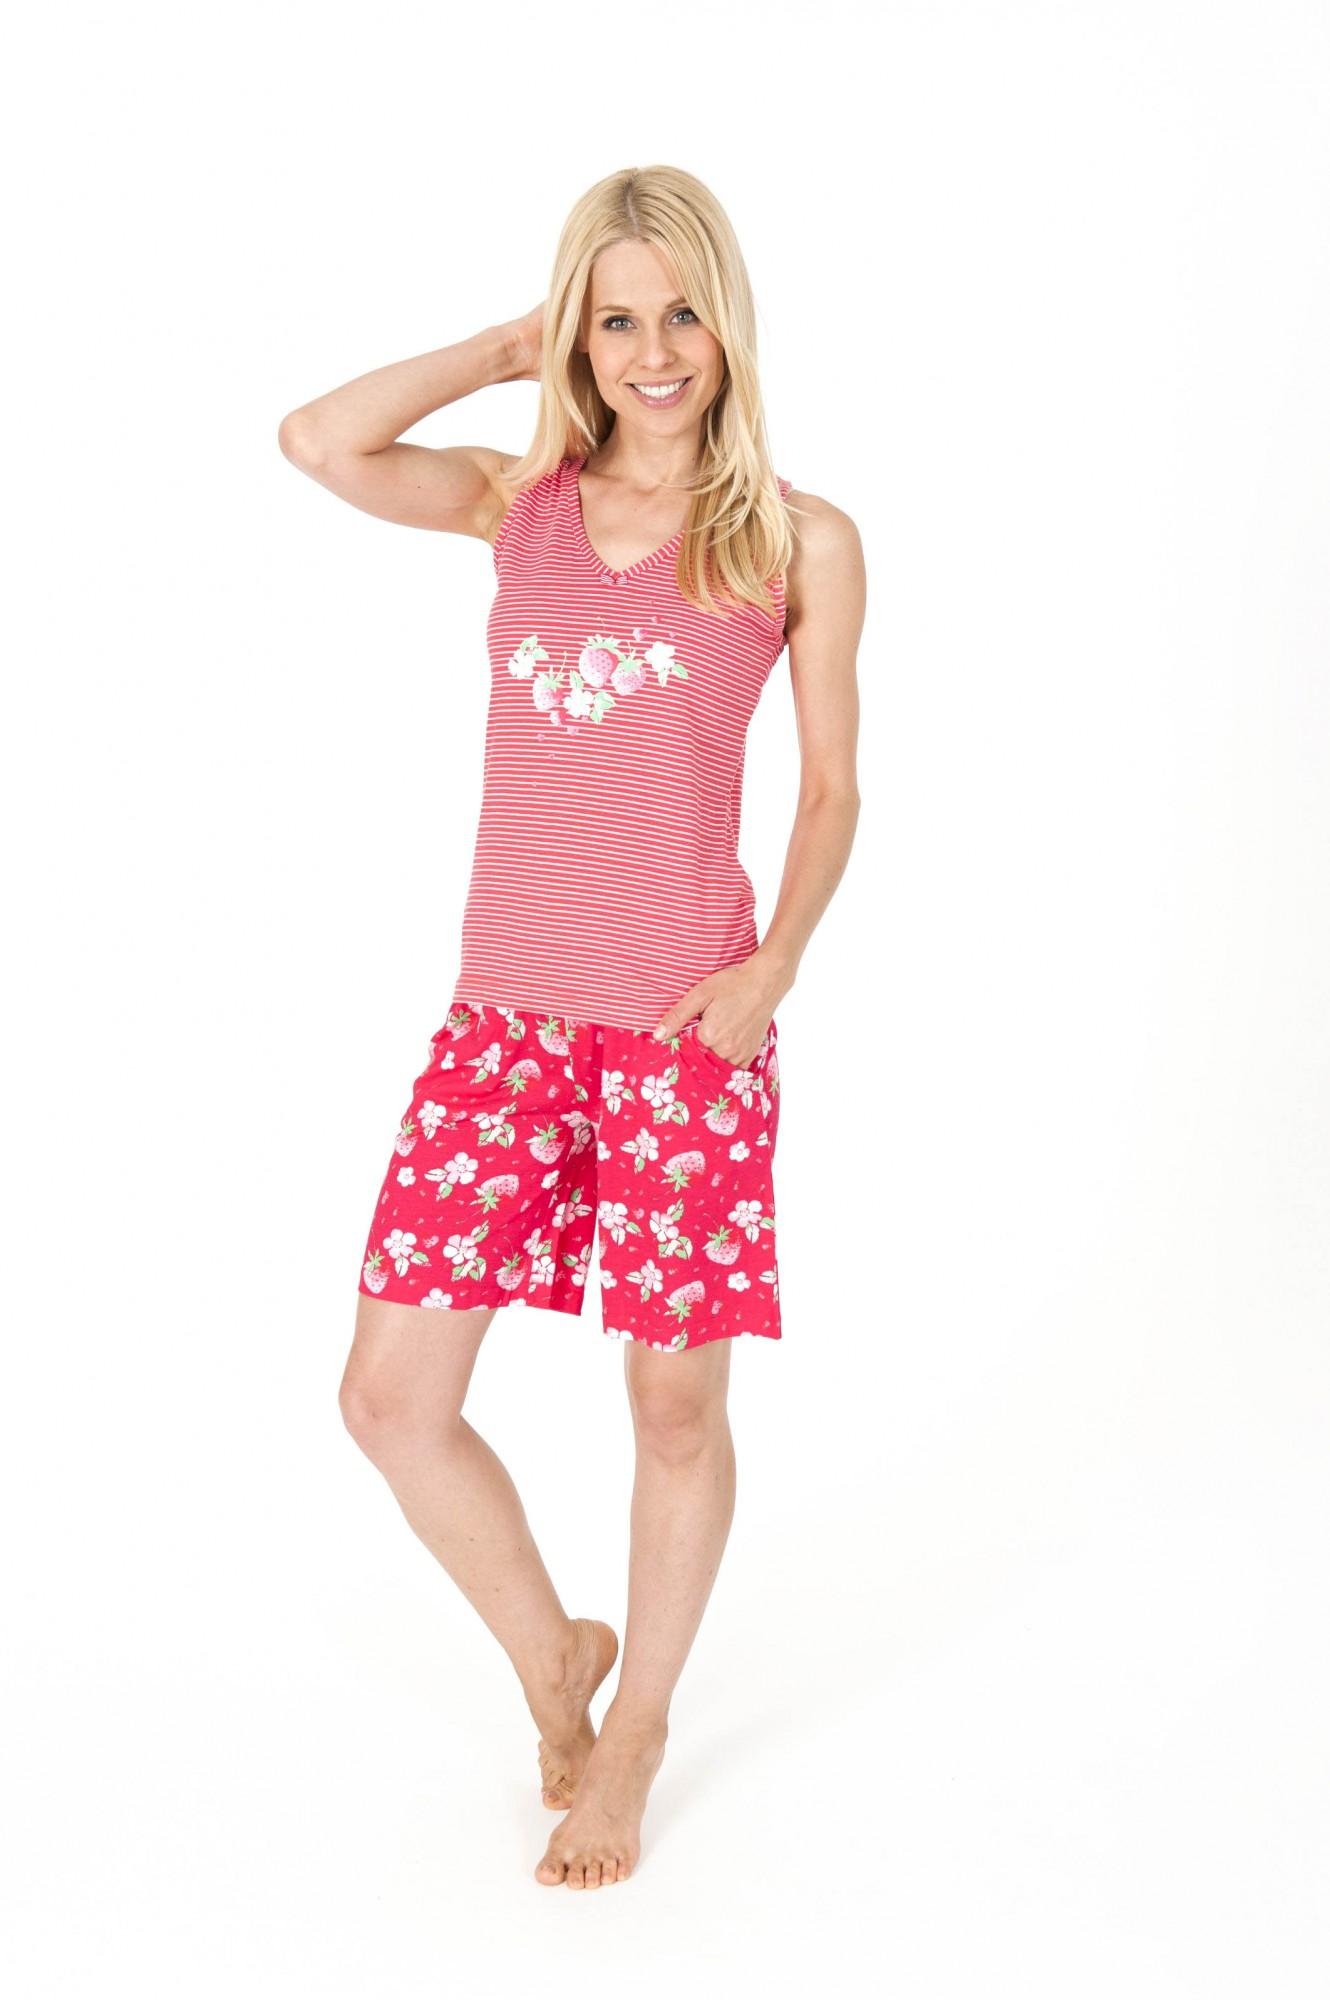 Damen Shorty Pyjama mit Achsel Top - auch in Grösse 32/34 und Übergrösse bis 60/62  001